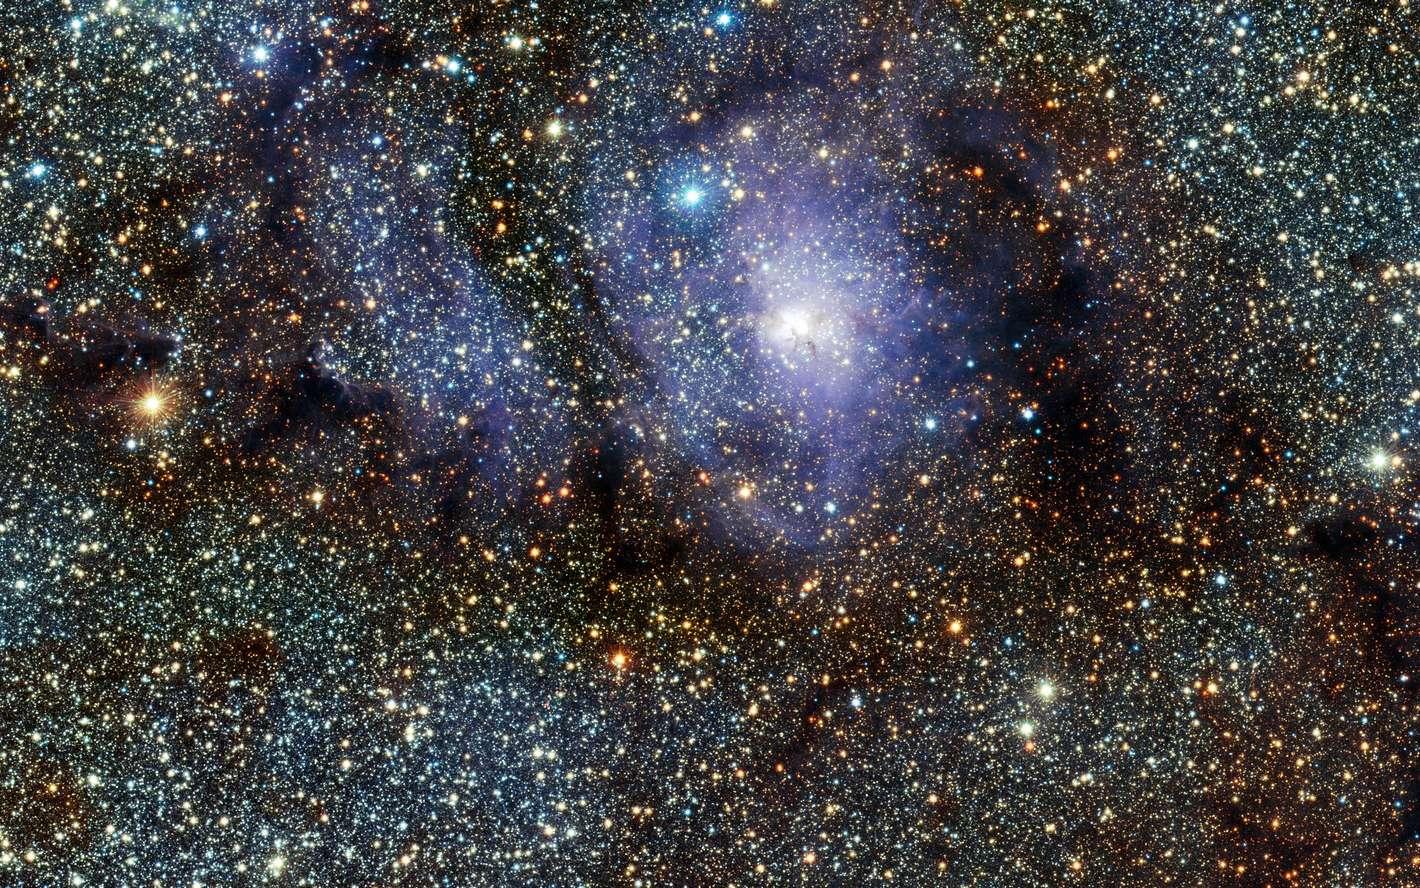 La nébuleuse de la Lagune, une pouponnière stellaire qui révèle en infrarouge les différentes étapes de la naissance des étoiles. © ESO/VVV